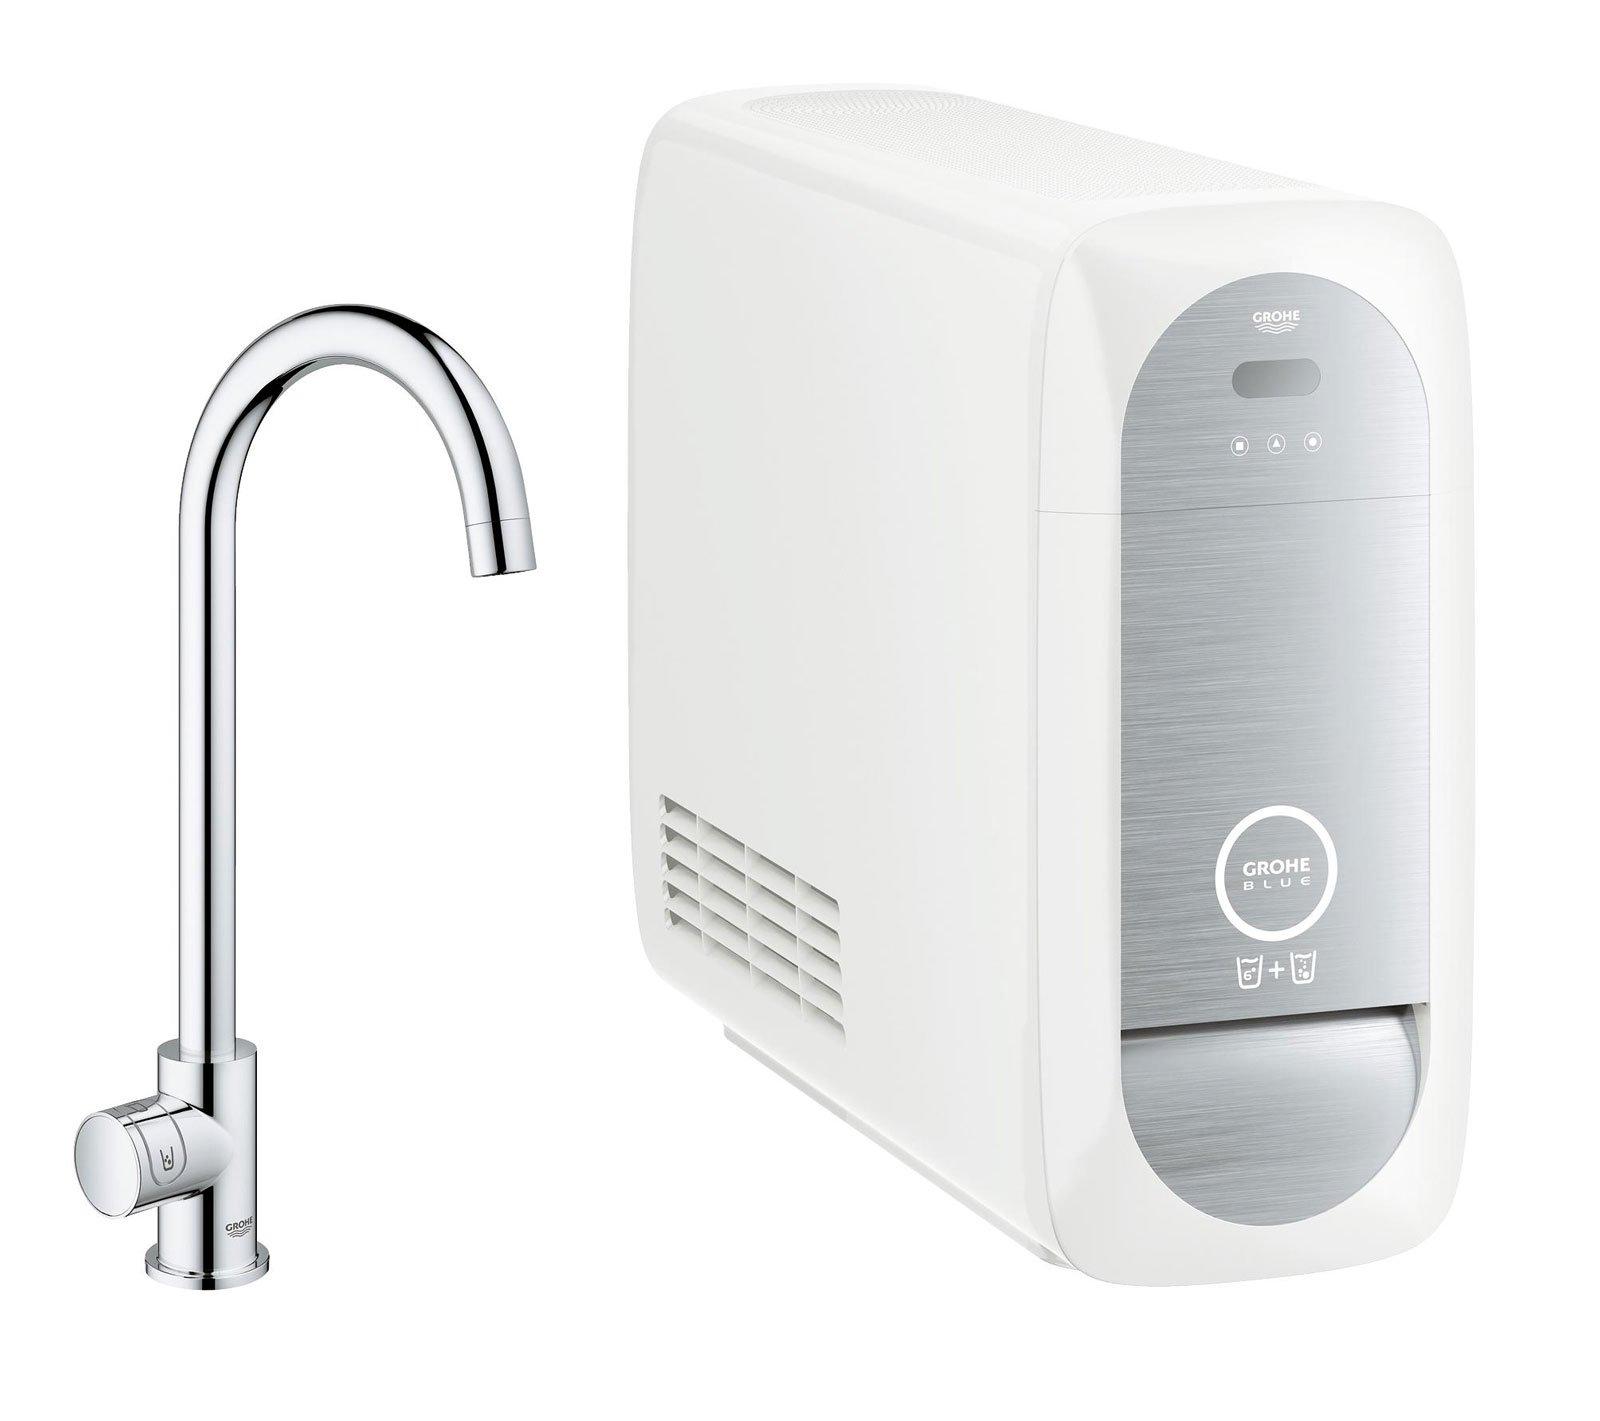 grohe blue home dal rubinetto anche acqua filtrata frizzante cose di casa. Black Bedroom Furniture Sets. Home Design Ideas